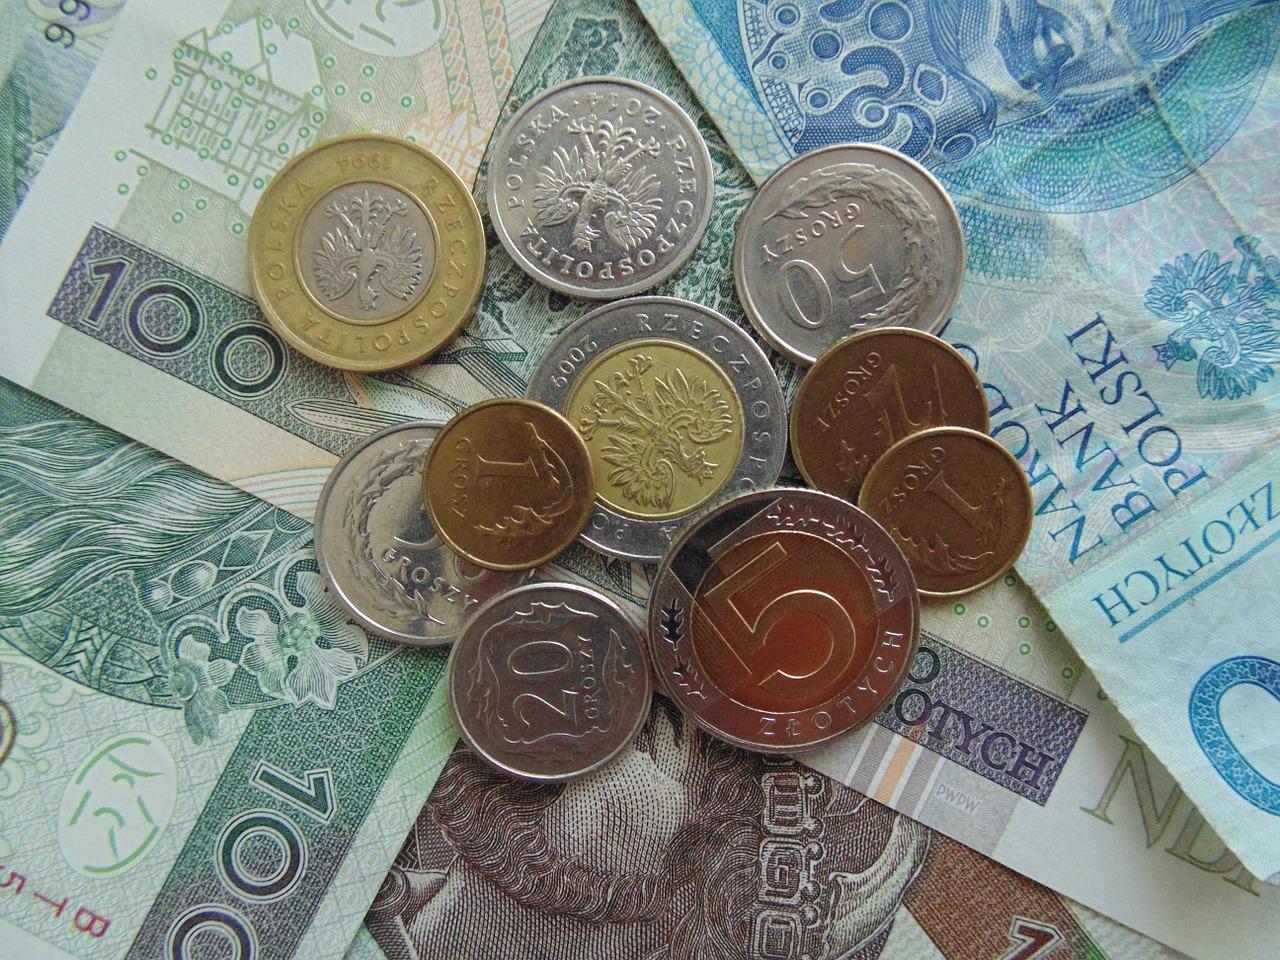 Jak dzieci postrzegają pieniądze? W jaki sposób pomóc im je zrozumieć ? Jak rozmawiać z dziećmi o pieniądzach?